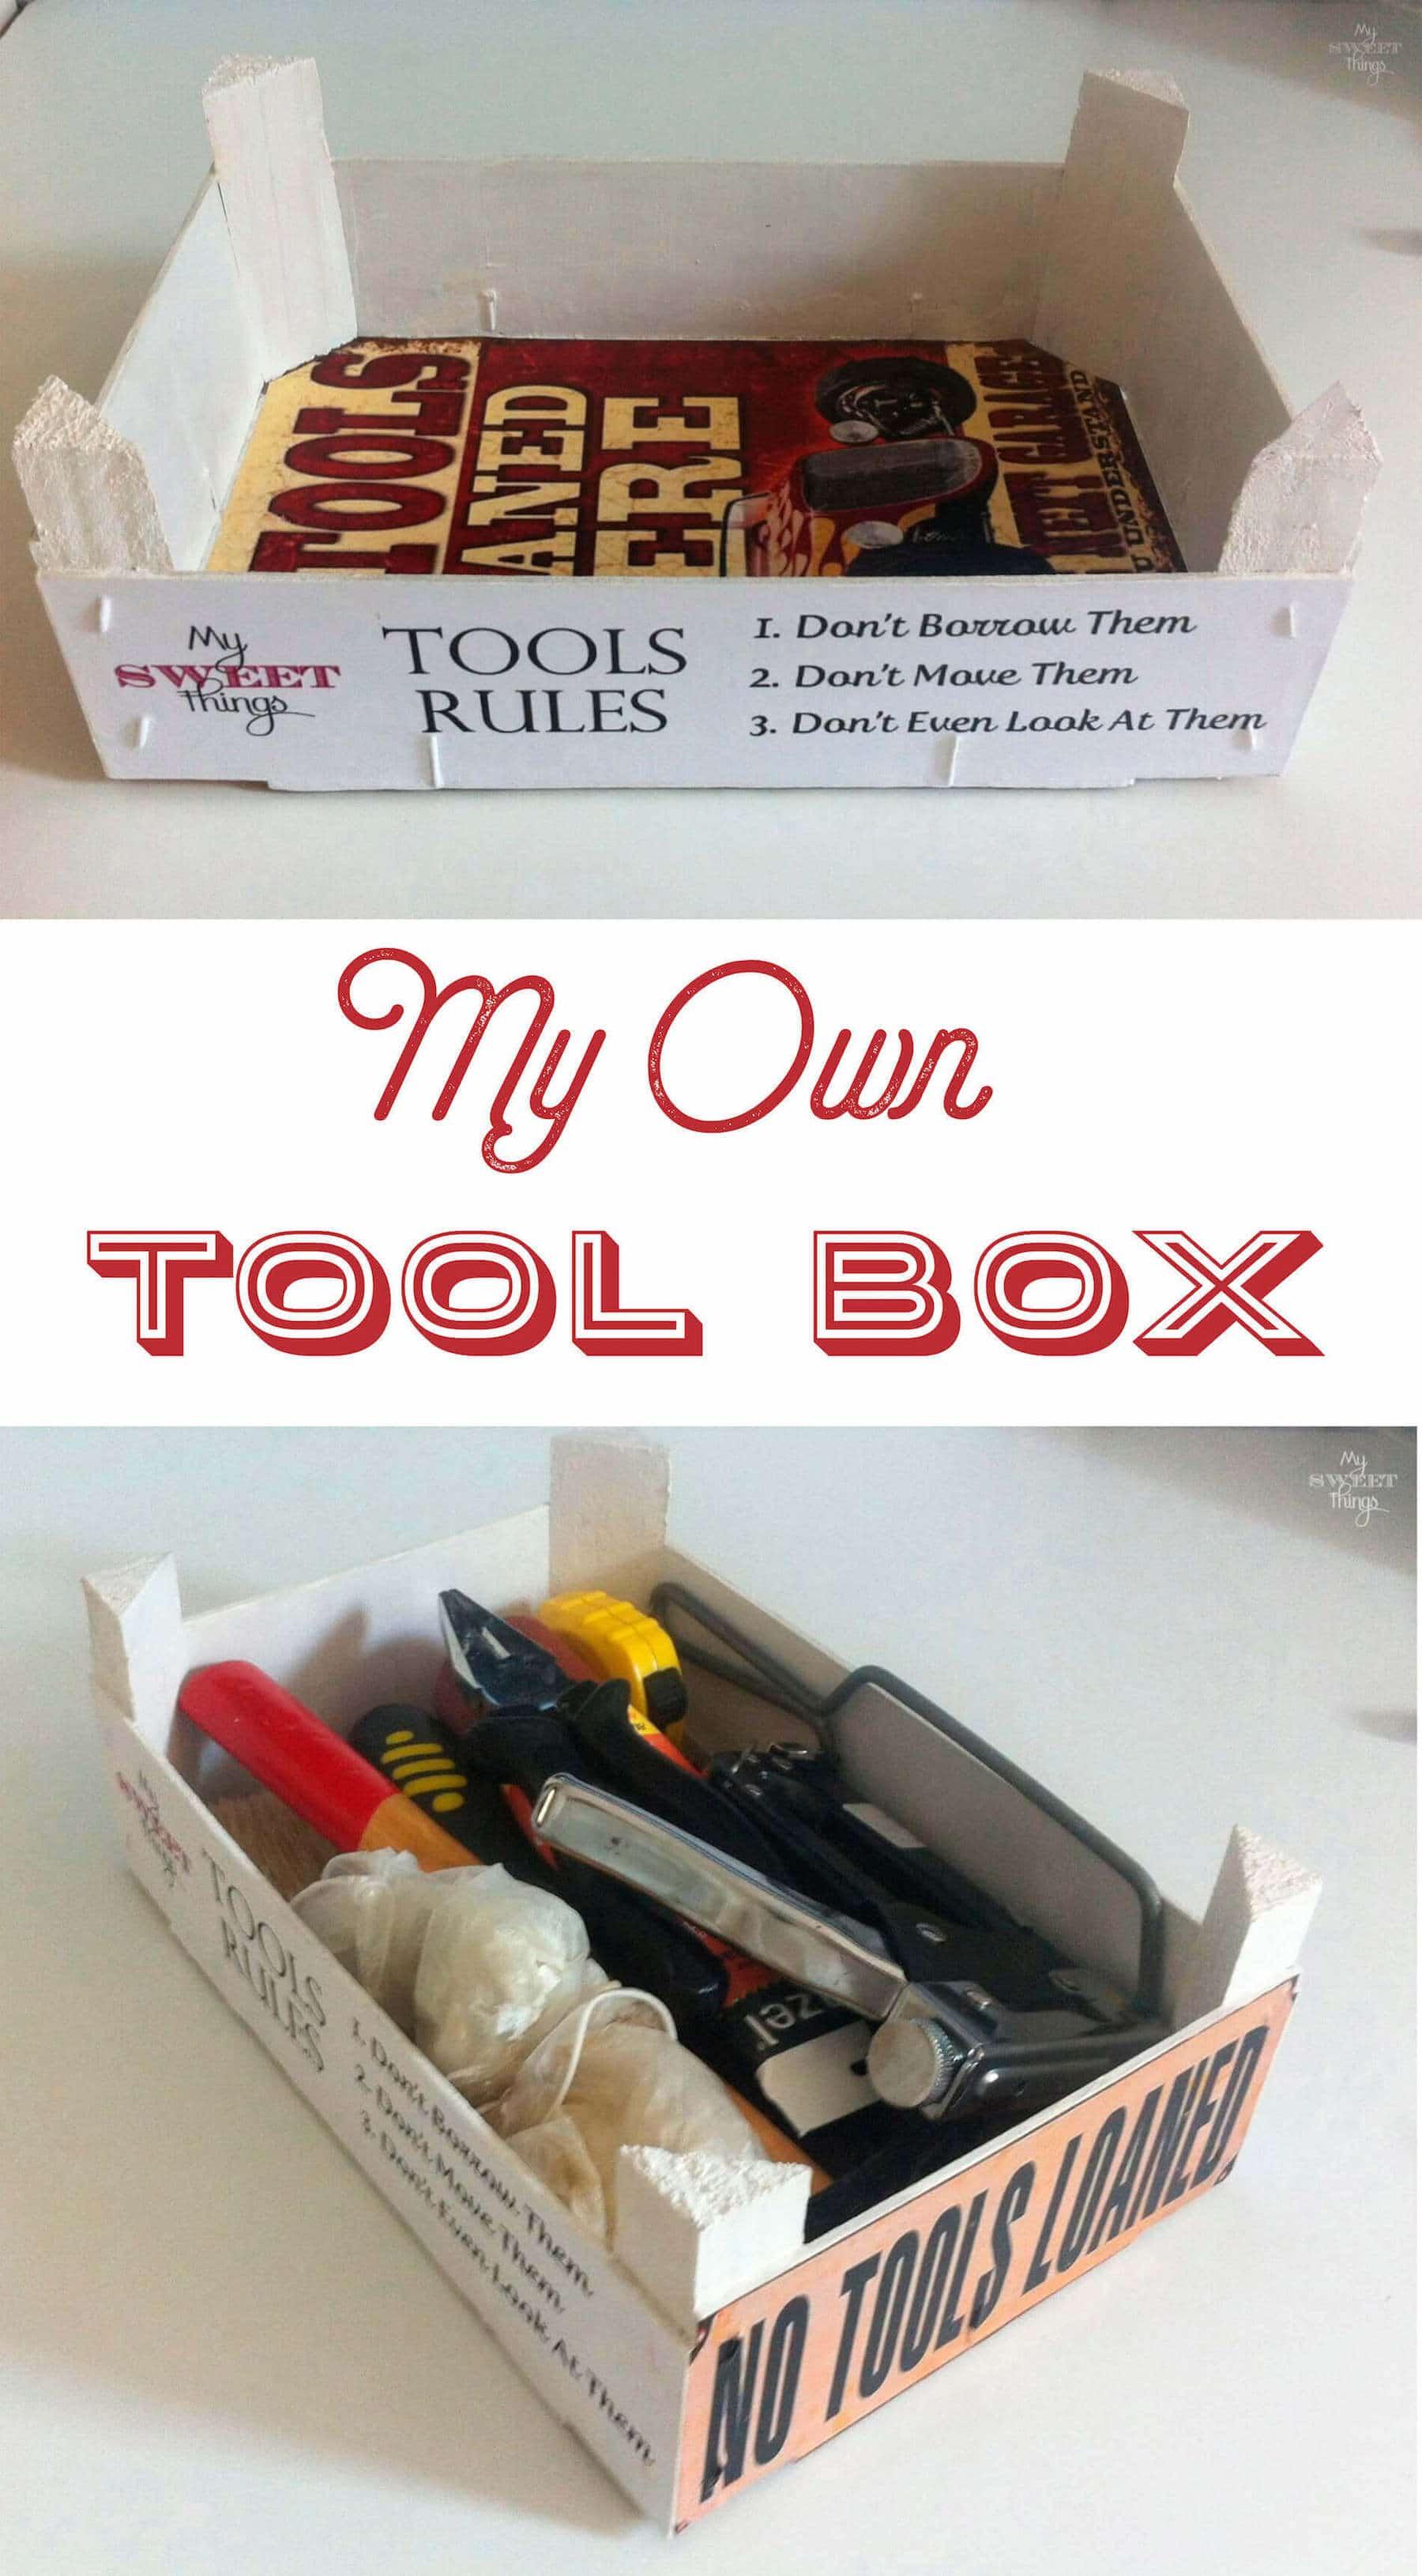 Como convertir una caja de fresas en una caja de herramientas | Via www.sweethings.net